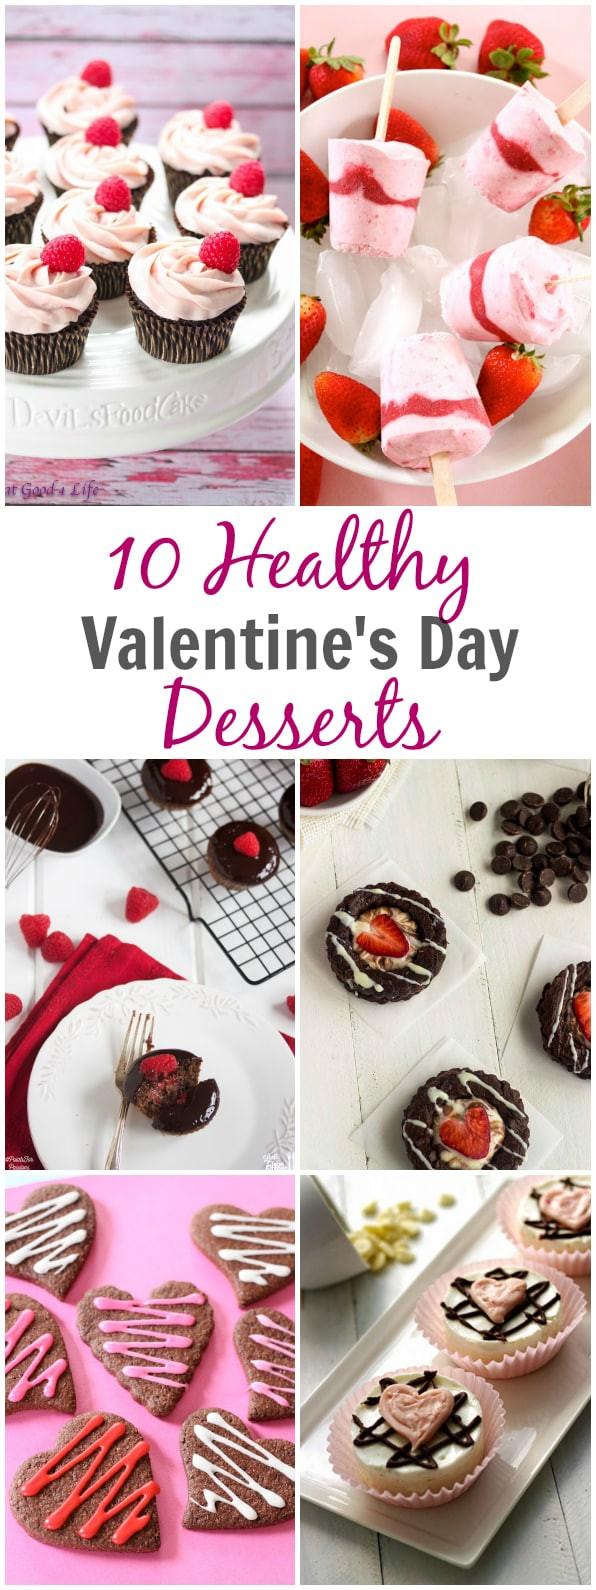 Healthy Valentine Desserts  10 Healthy Valentine s Day Desserts Primavera Kitchen